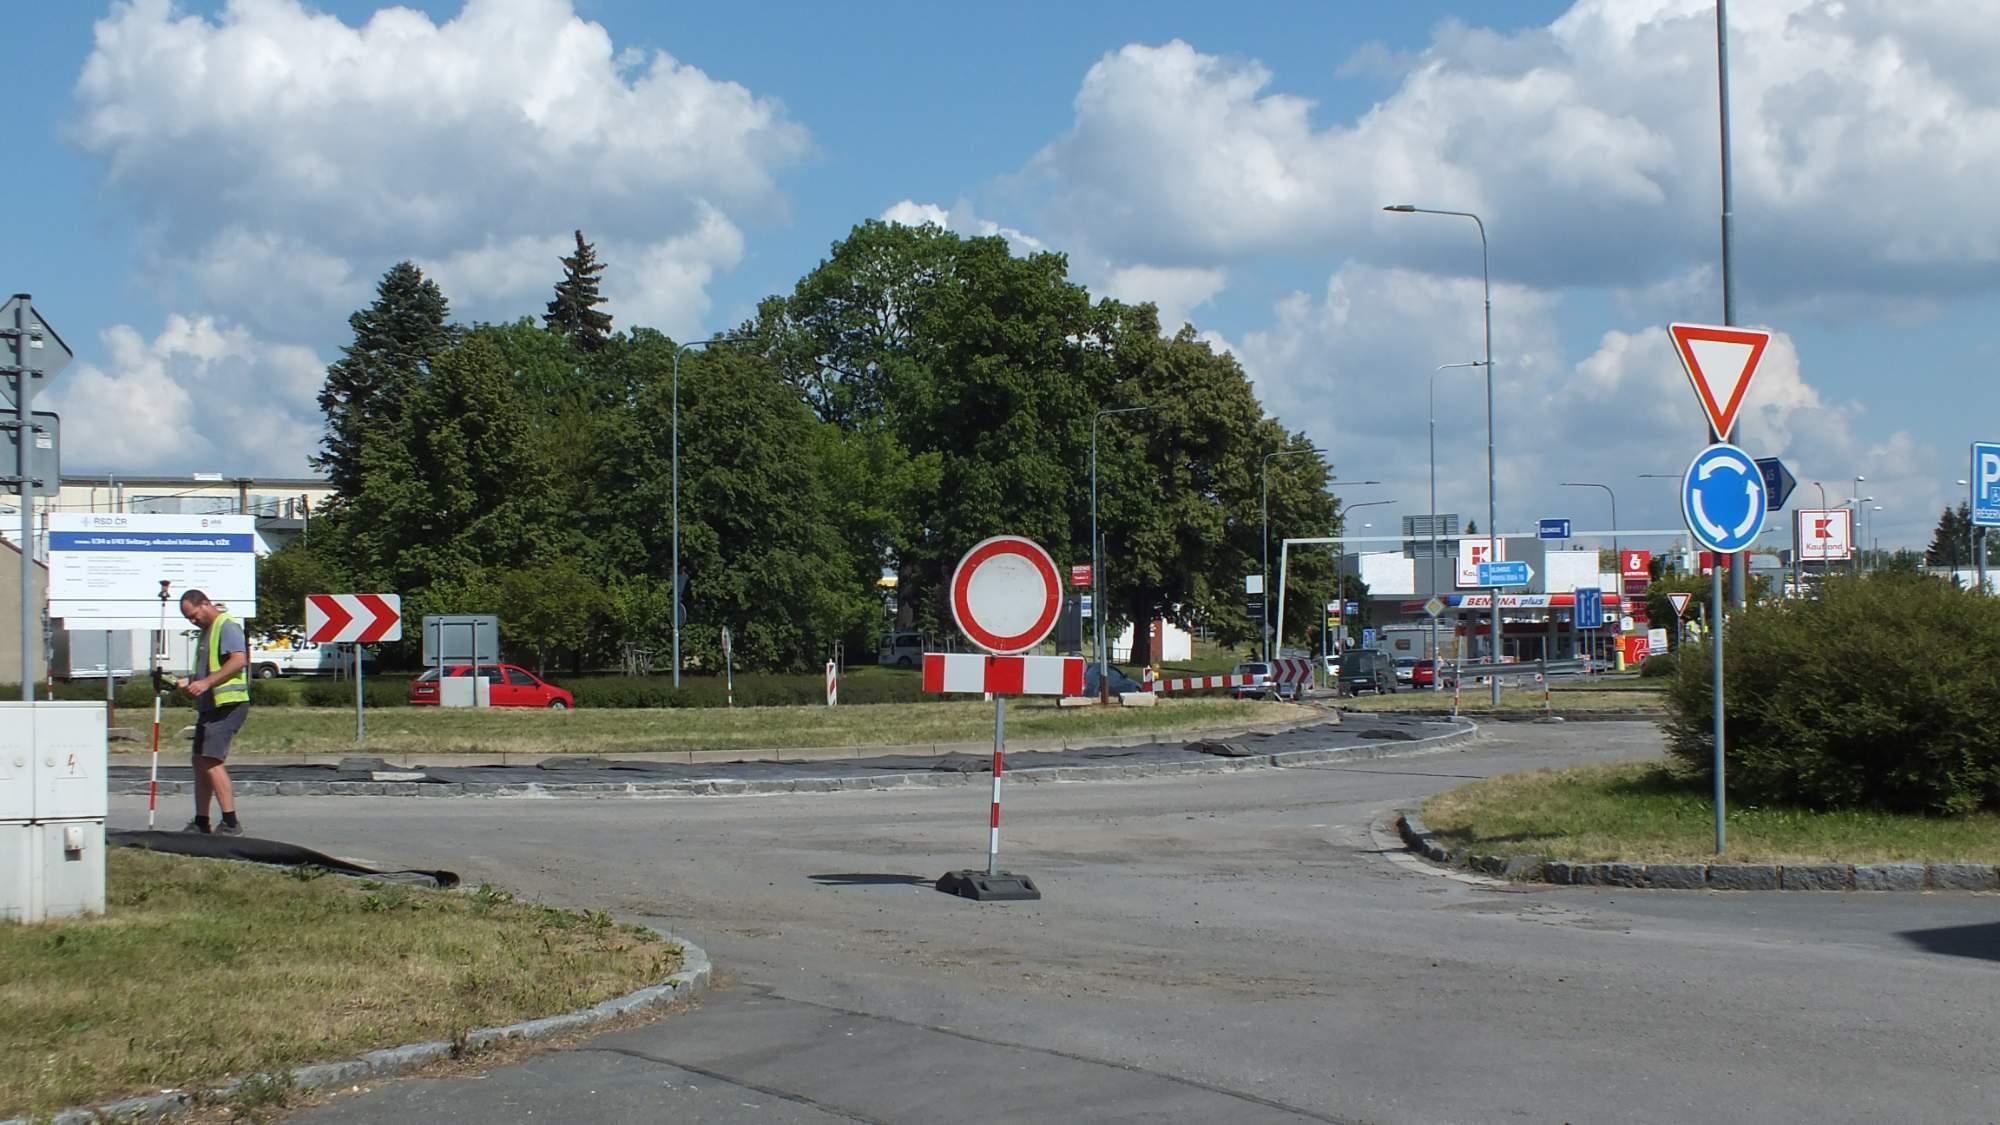 Okružní křižovatka dostane nový asfaltový povrch i středový prstenec. Foto: Nikola Pavlasová